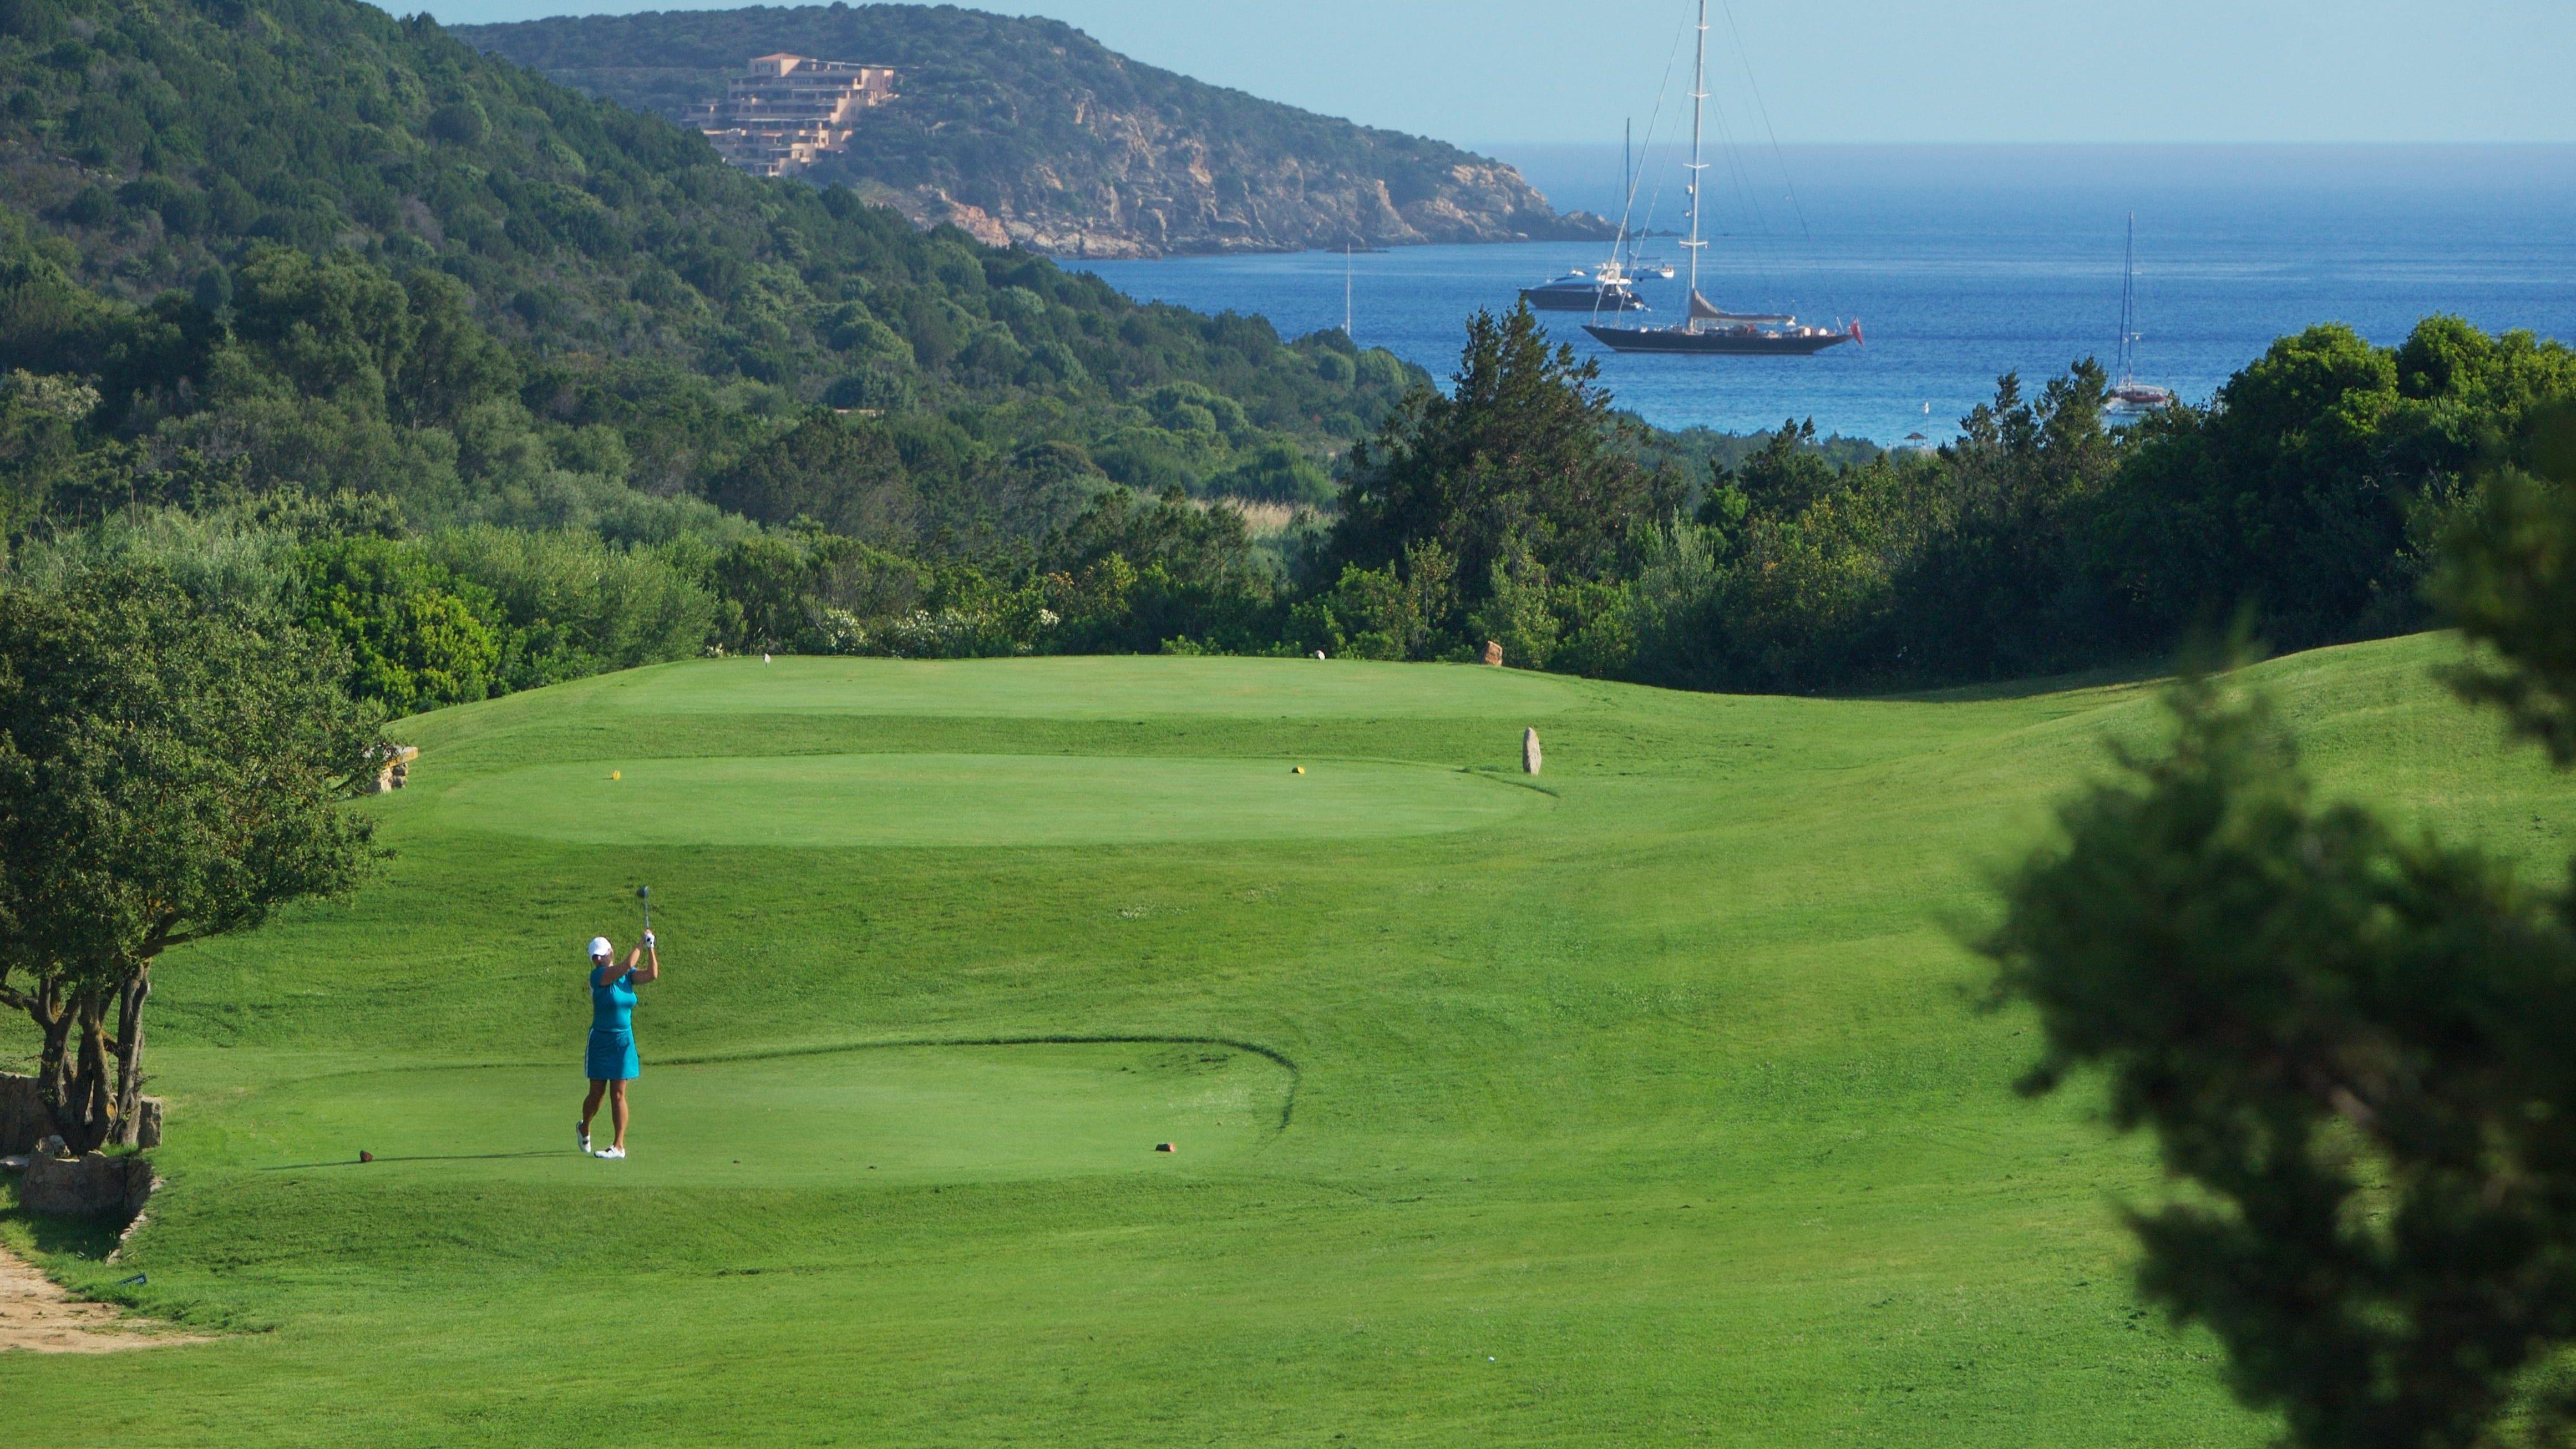 Proprietà al Pevero golf in Costa Smeralda, Sardegna | EREN